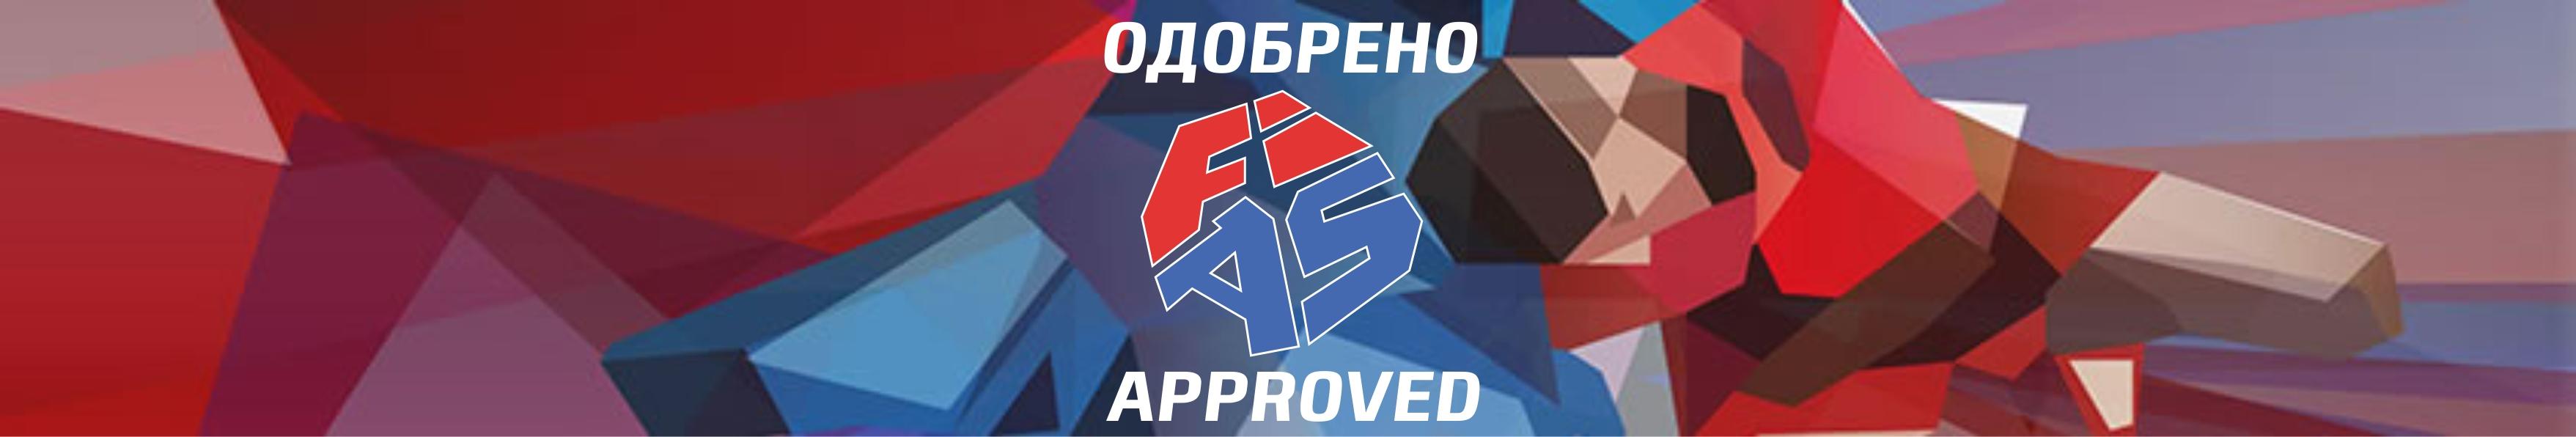 Борцовские ковры от РОССАМБО - одобрено и рекомендовано FIAS